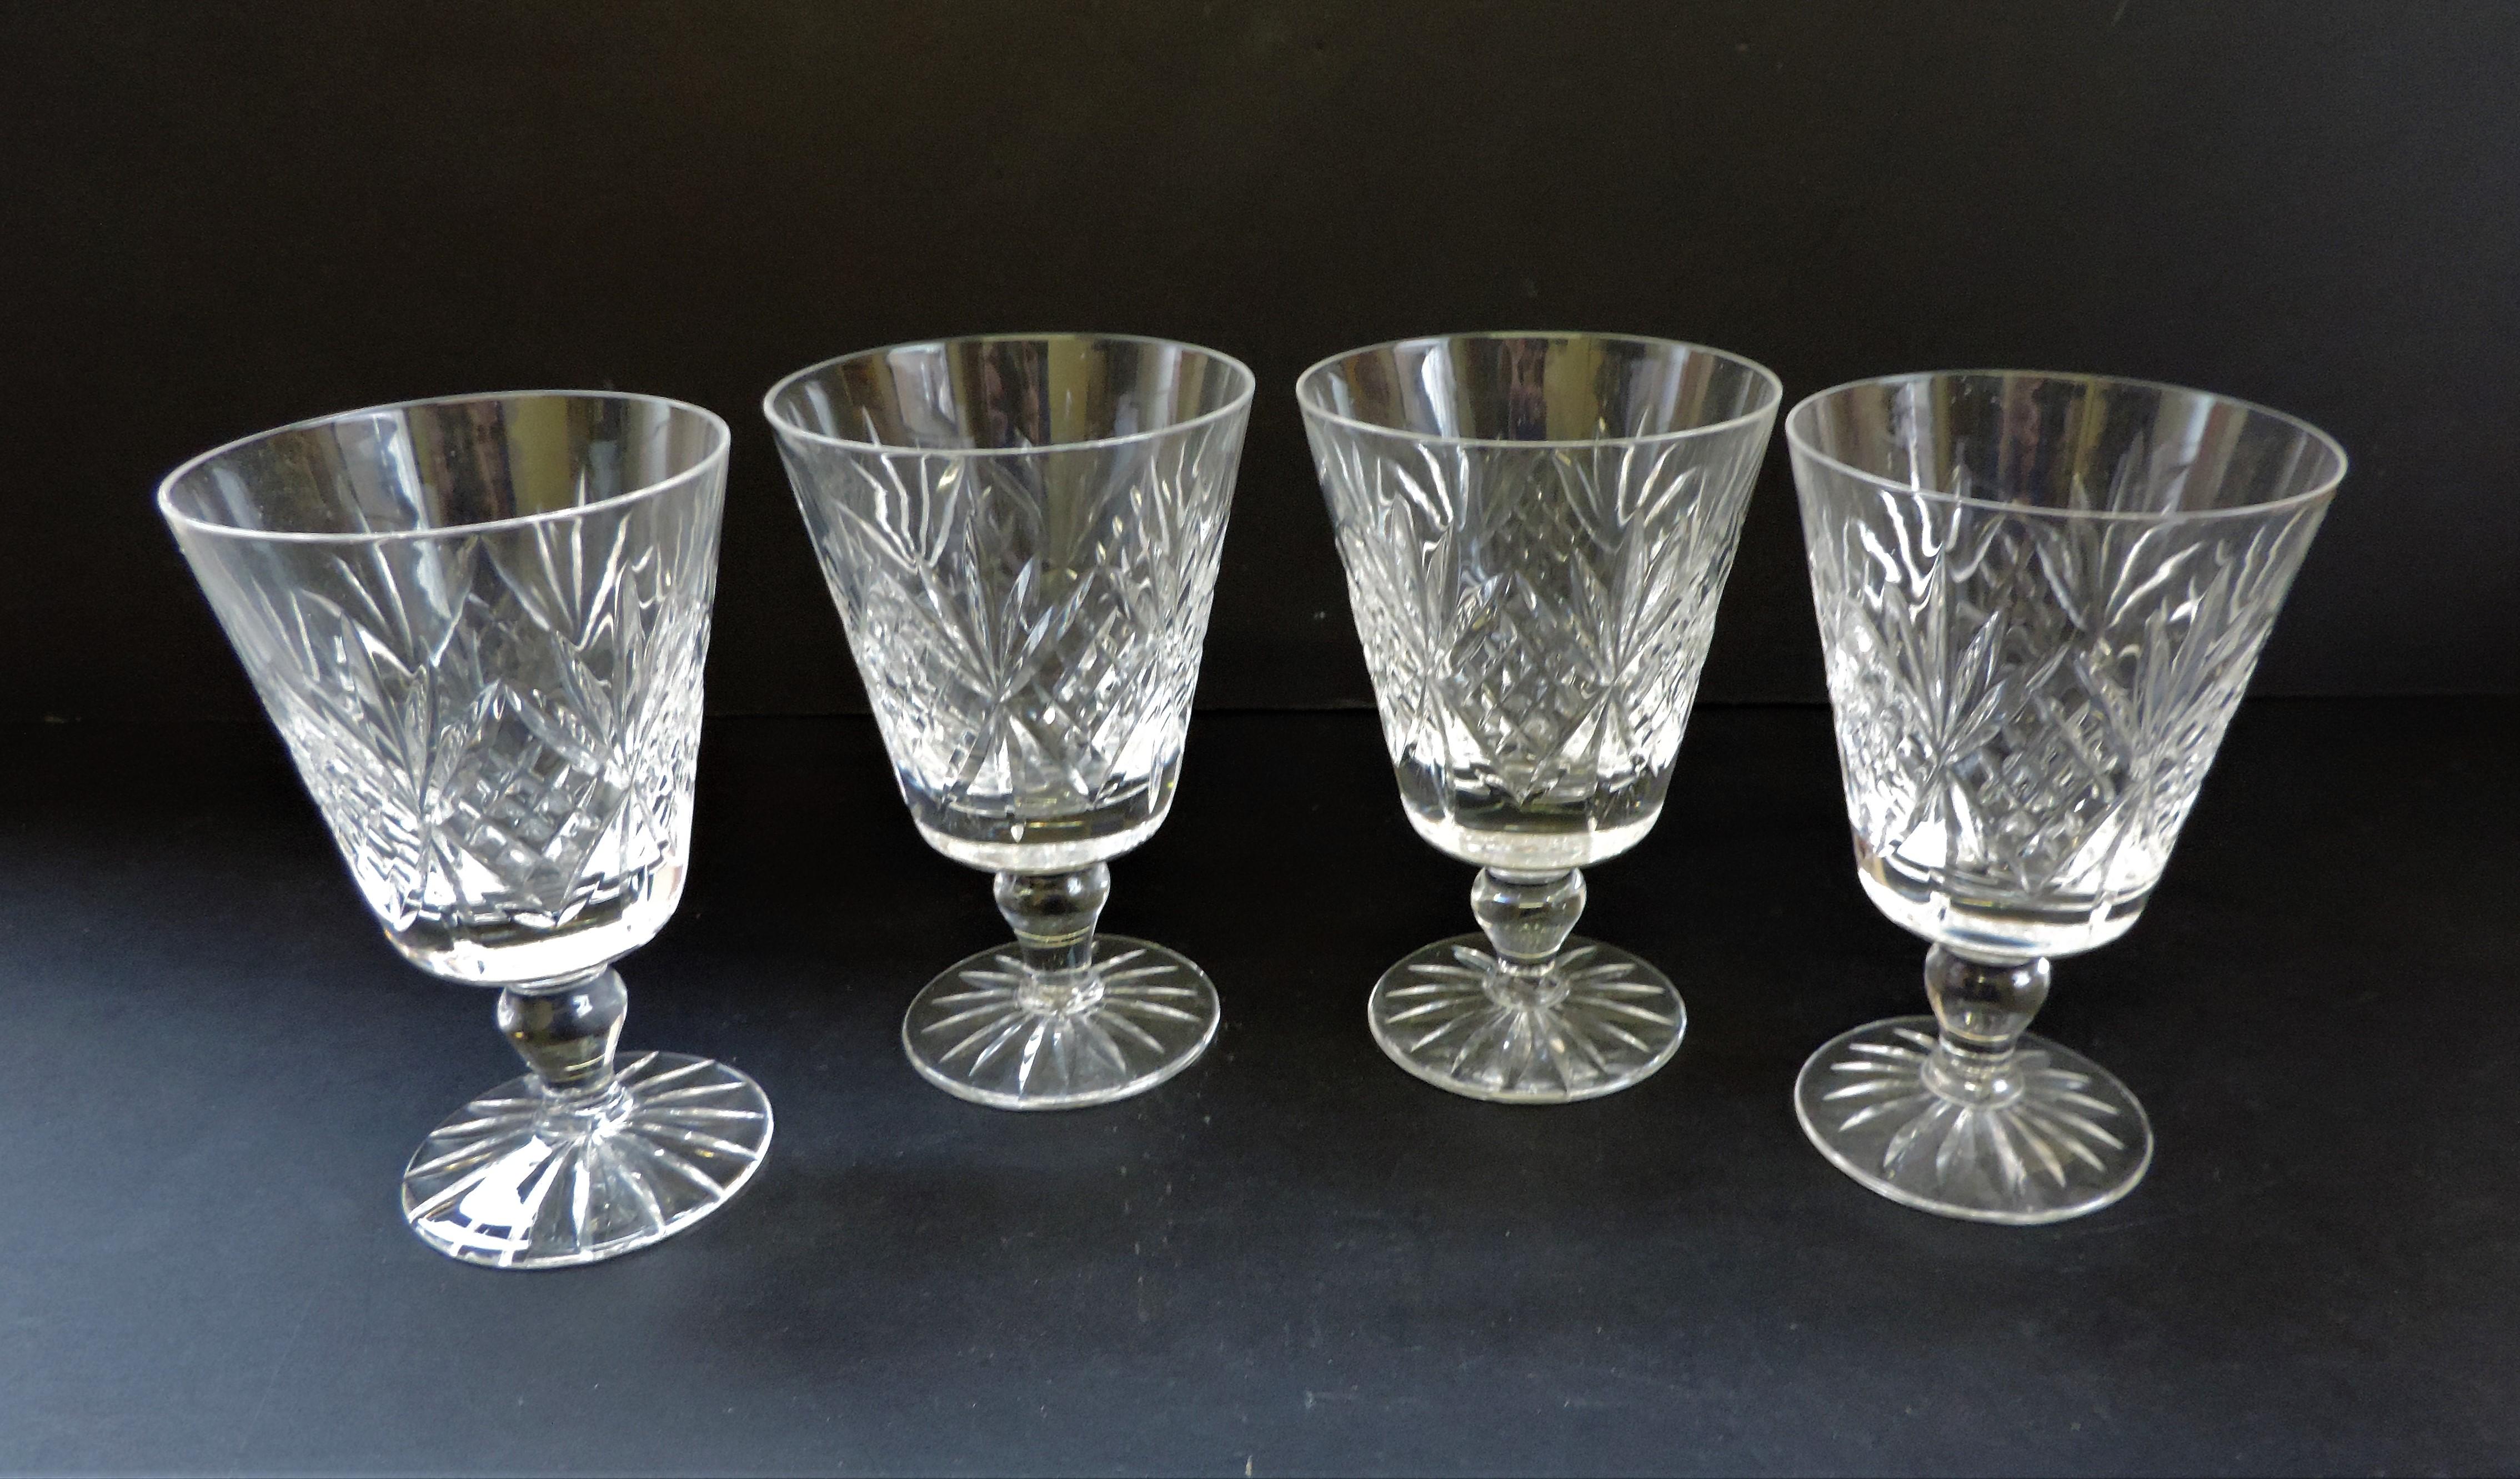 Set of 4 Vintage Crystal Wine Goblets 12cm tall - Image 2 of 4